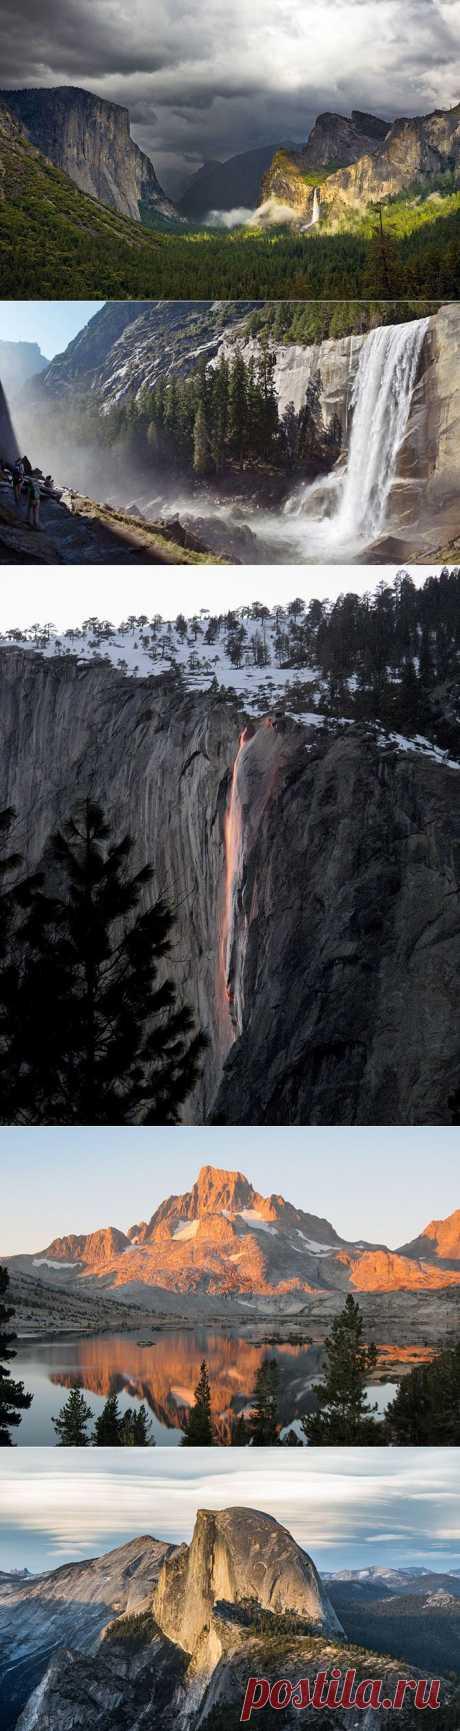 История Национального парка Йосемити | Fresher - Лучшее из Рунета за день